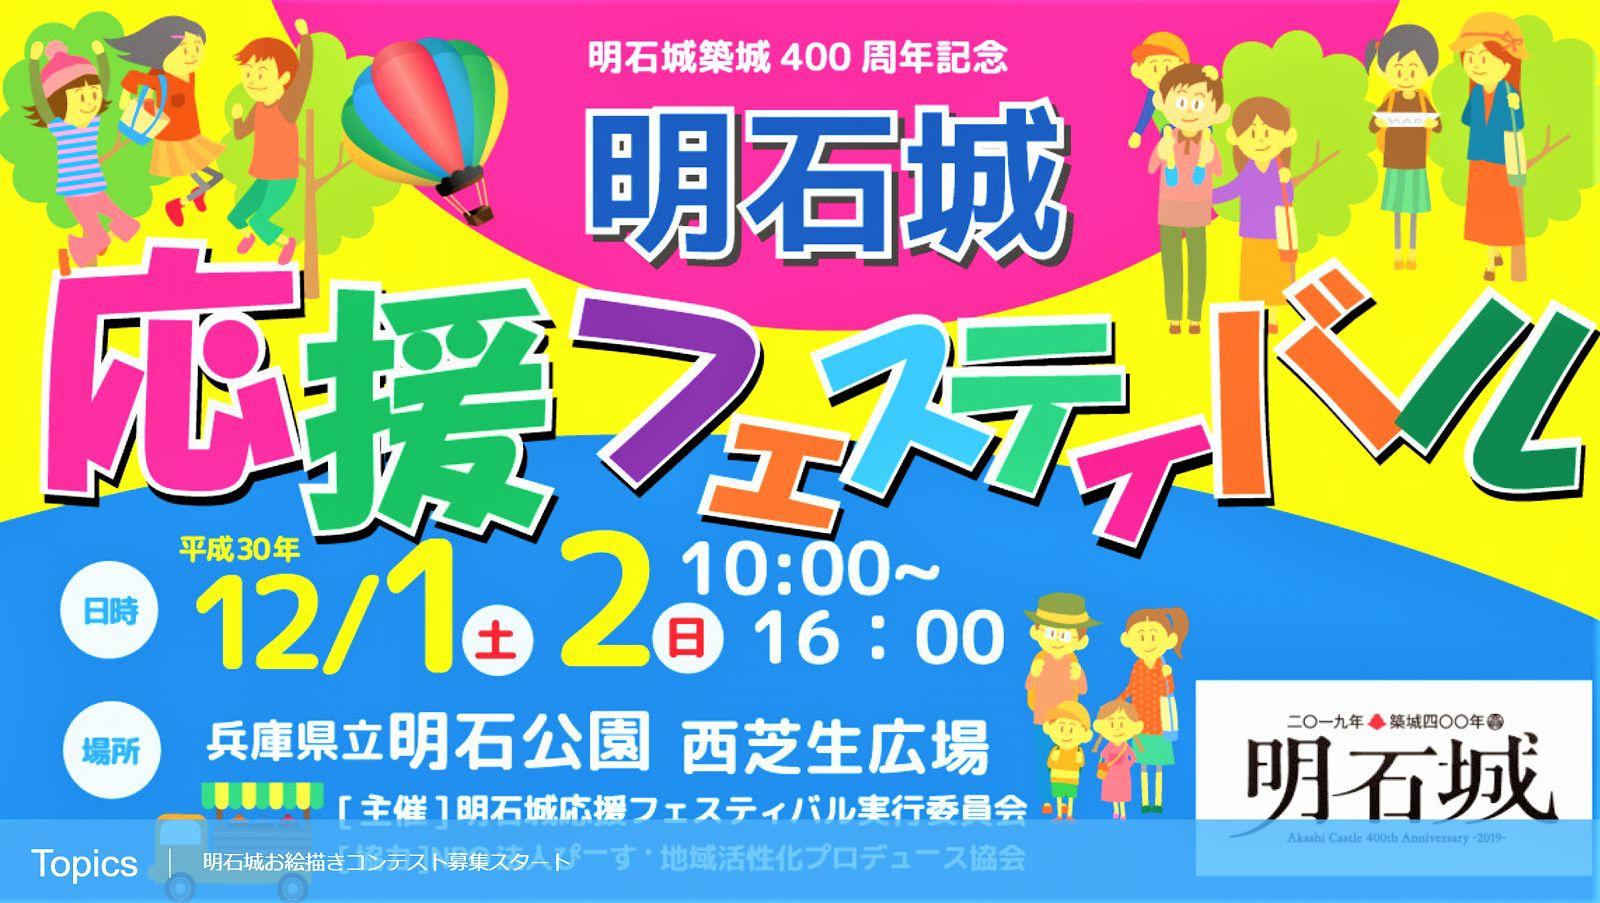 明石城築城400周年前年祭「明石城応援フェスティバル」が12月1日・2日に開催されるよ!#明石城 #明石城応援フェスティバル